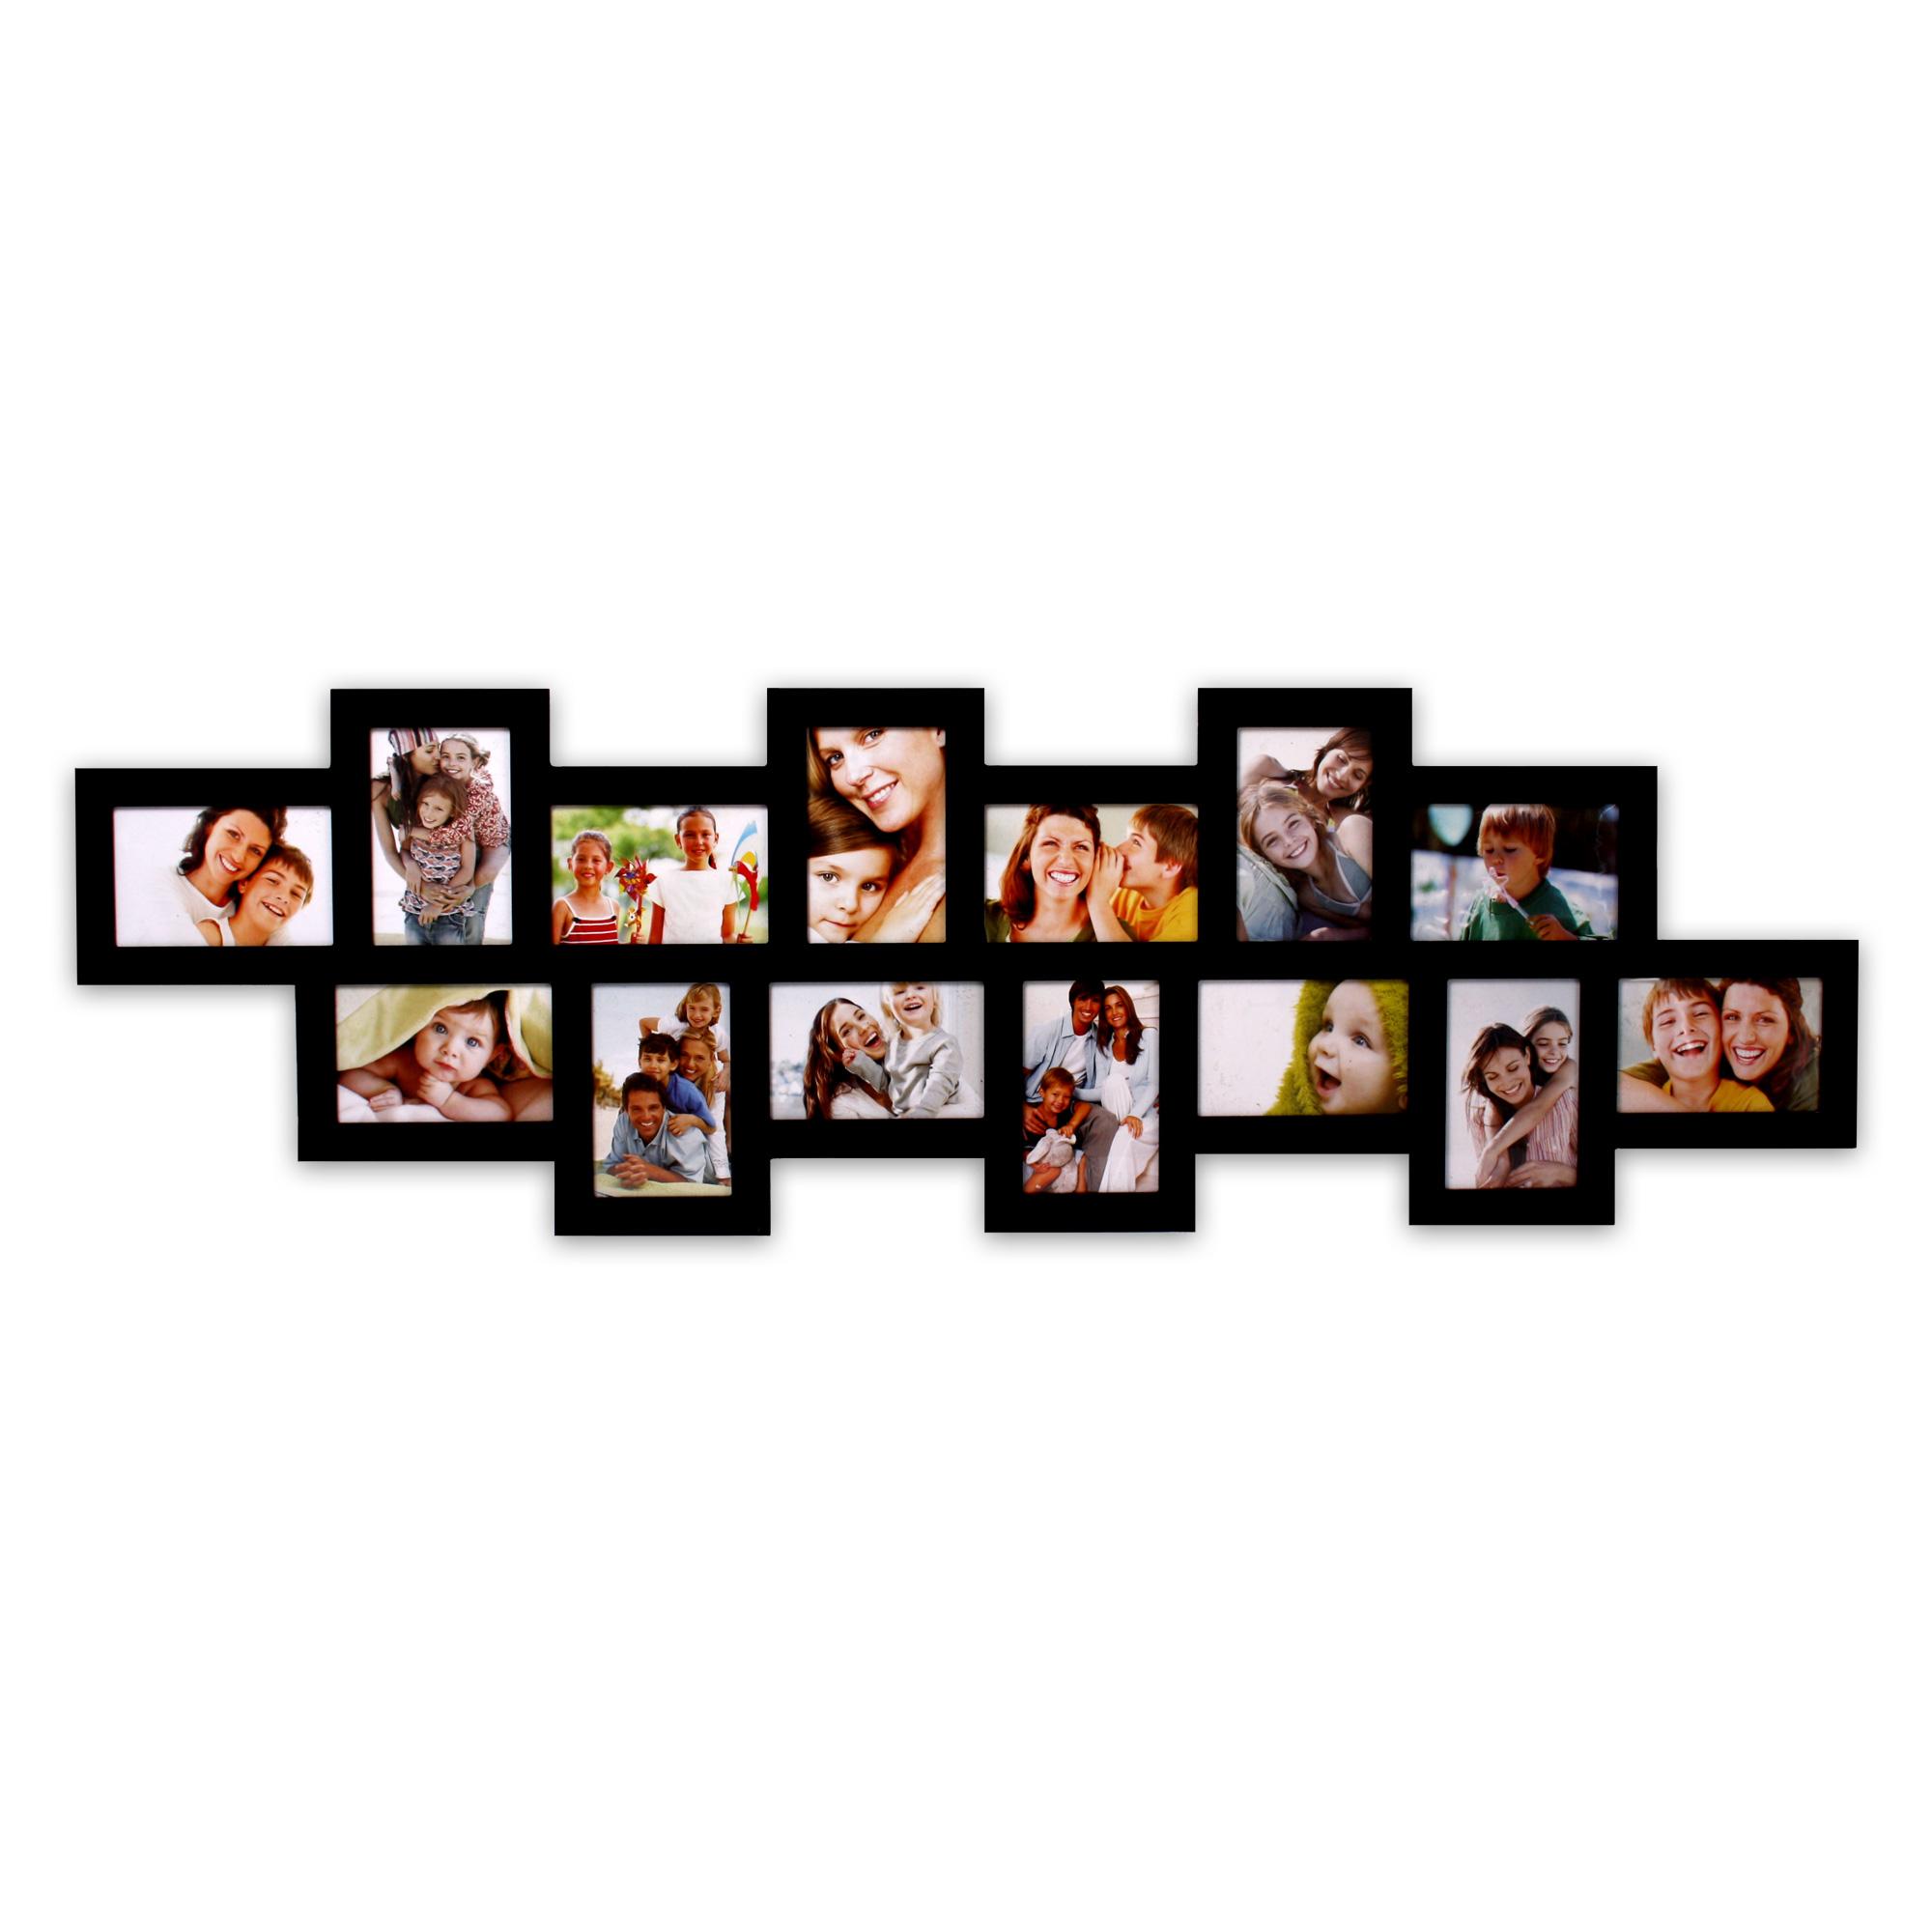 Bilderrahmen 35 x 117 cm für 14 Fotos 10 x 15 cm in weiss schwarz ...